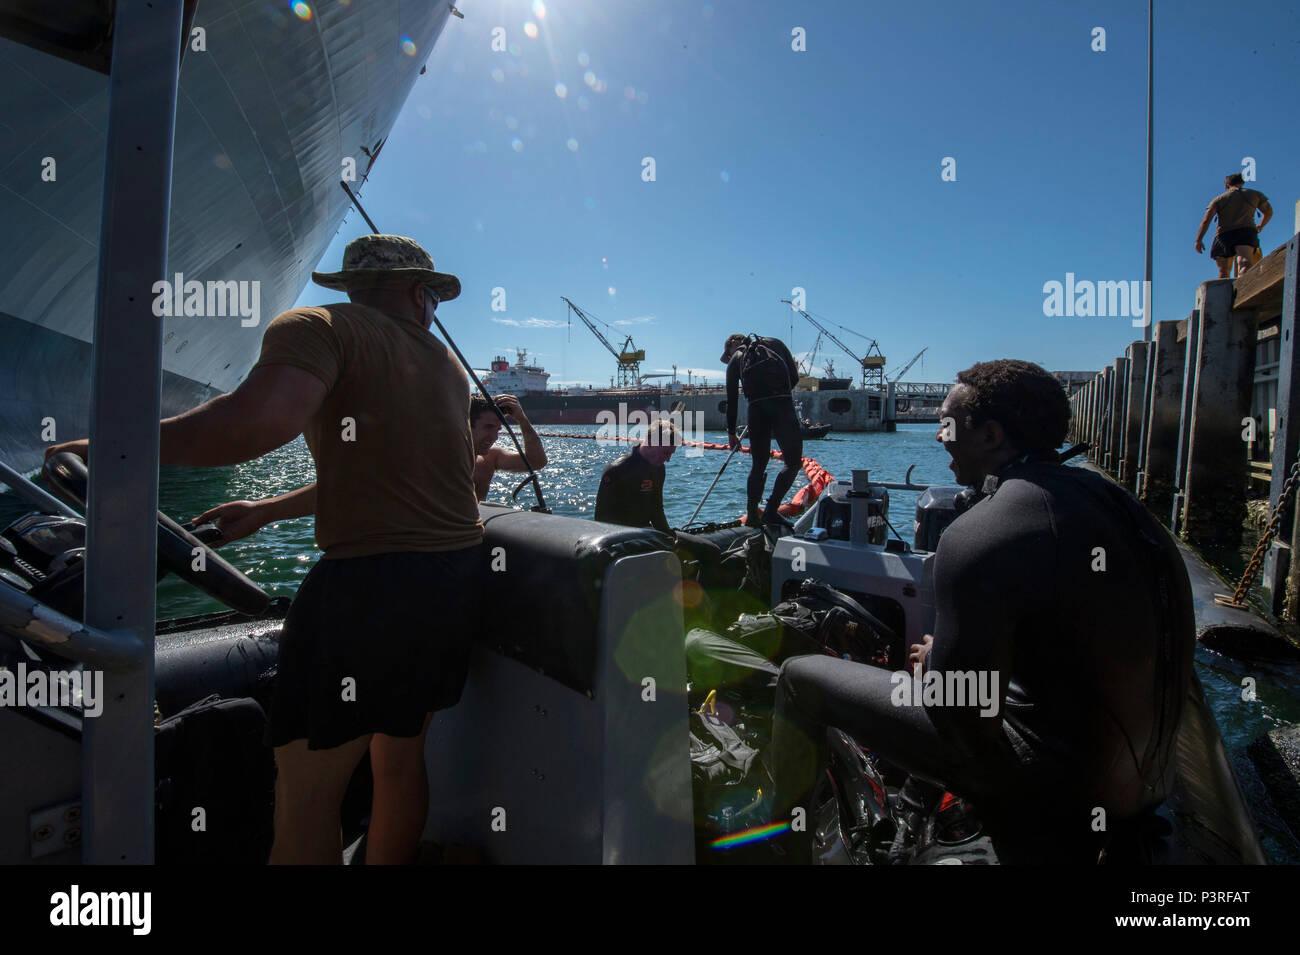 160720-N-DJ 750-135 SAN DIEGO (20 Juli 2016) - Die Naval Oberfläche und Mine Warfighting's Development Center Commander, Task Unit 177.2.1 die Beseitigung von Explosivstoffen Techniker eine Suche für simulierte Sprengstoffe für militärische Sealift Command große, mittlere Geschwindigkeit Roll on/Roll off-ship USNS Bob Hope (T-AKR-300) während der südlichen Kalifornien Teil des Pacific Rim 2016. 26 Nationen, mehr als 40 Schiffe und u-Boote, mehr als 200 Flugzeugen und 25.000 Mitarbeiter an Rimpac vom 30. Juni bis 4. August, in und um die hawaiischen Inseln und Südkalifornien. Die Stockfoto